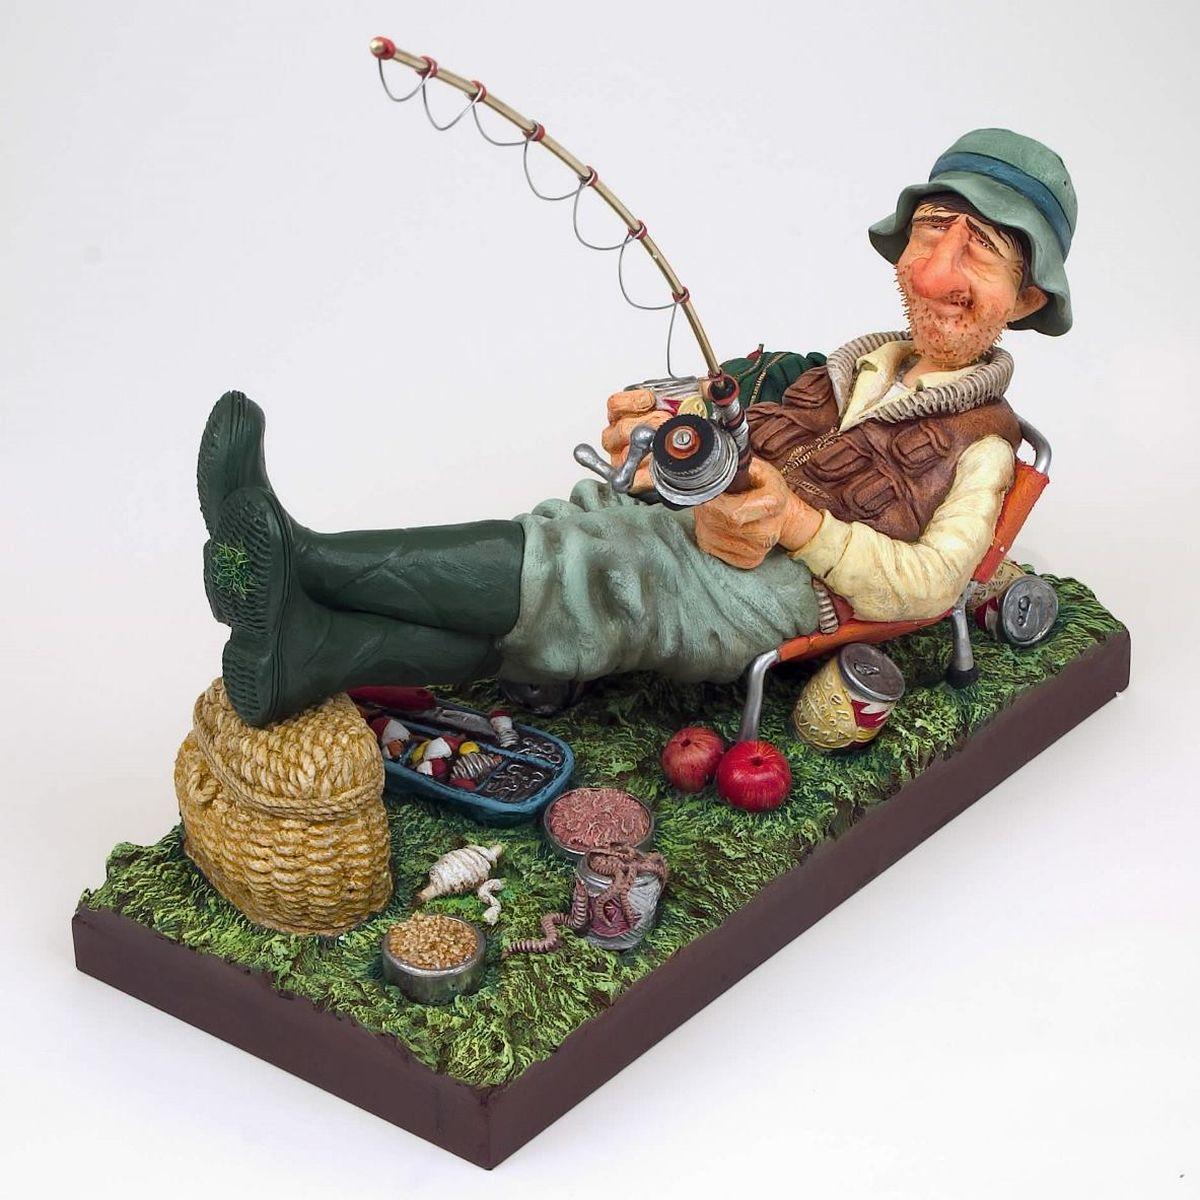 профессиональные люди фигурки рыбаков или картинки рыбаков эту разницу